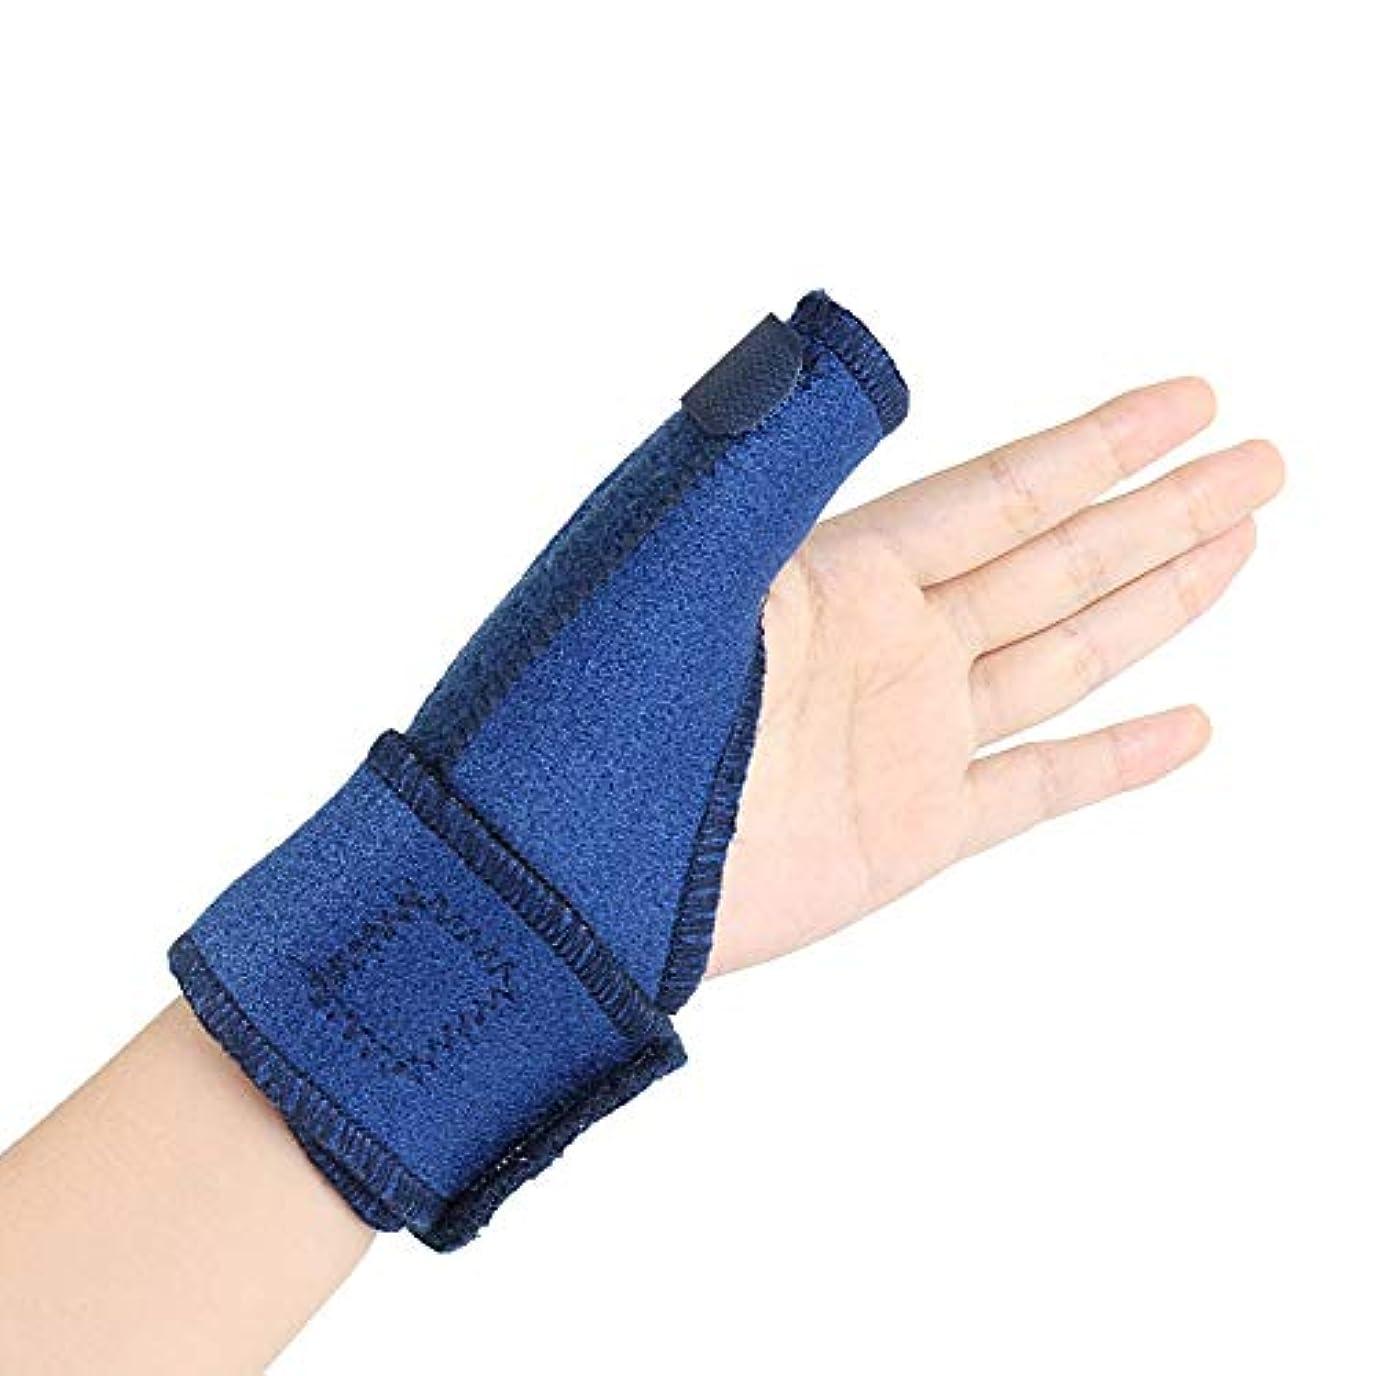 用量弓ヘルパーyuio トリガーフィンガースプリントフィンガーブレースサムブレースサポート-関節炎用親指スピカスプリント、腱炎-シンプルなデザイン(右、青)